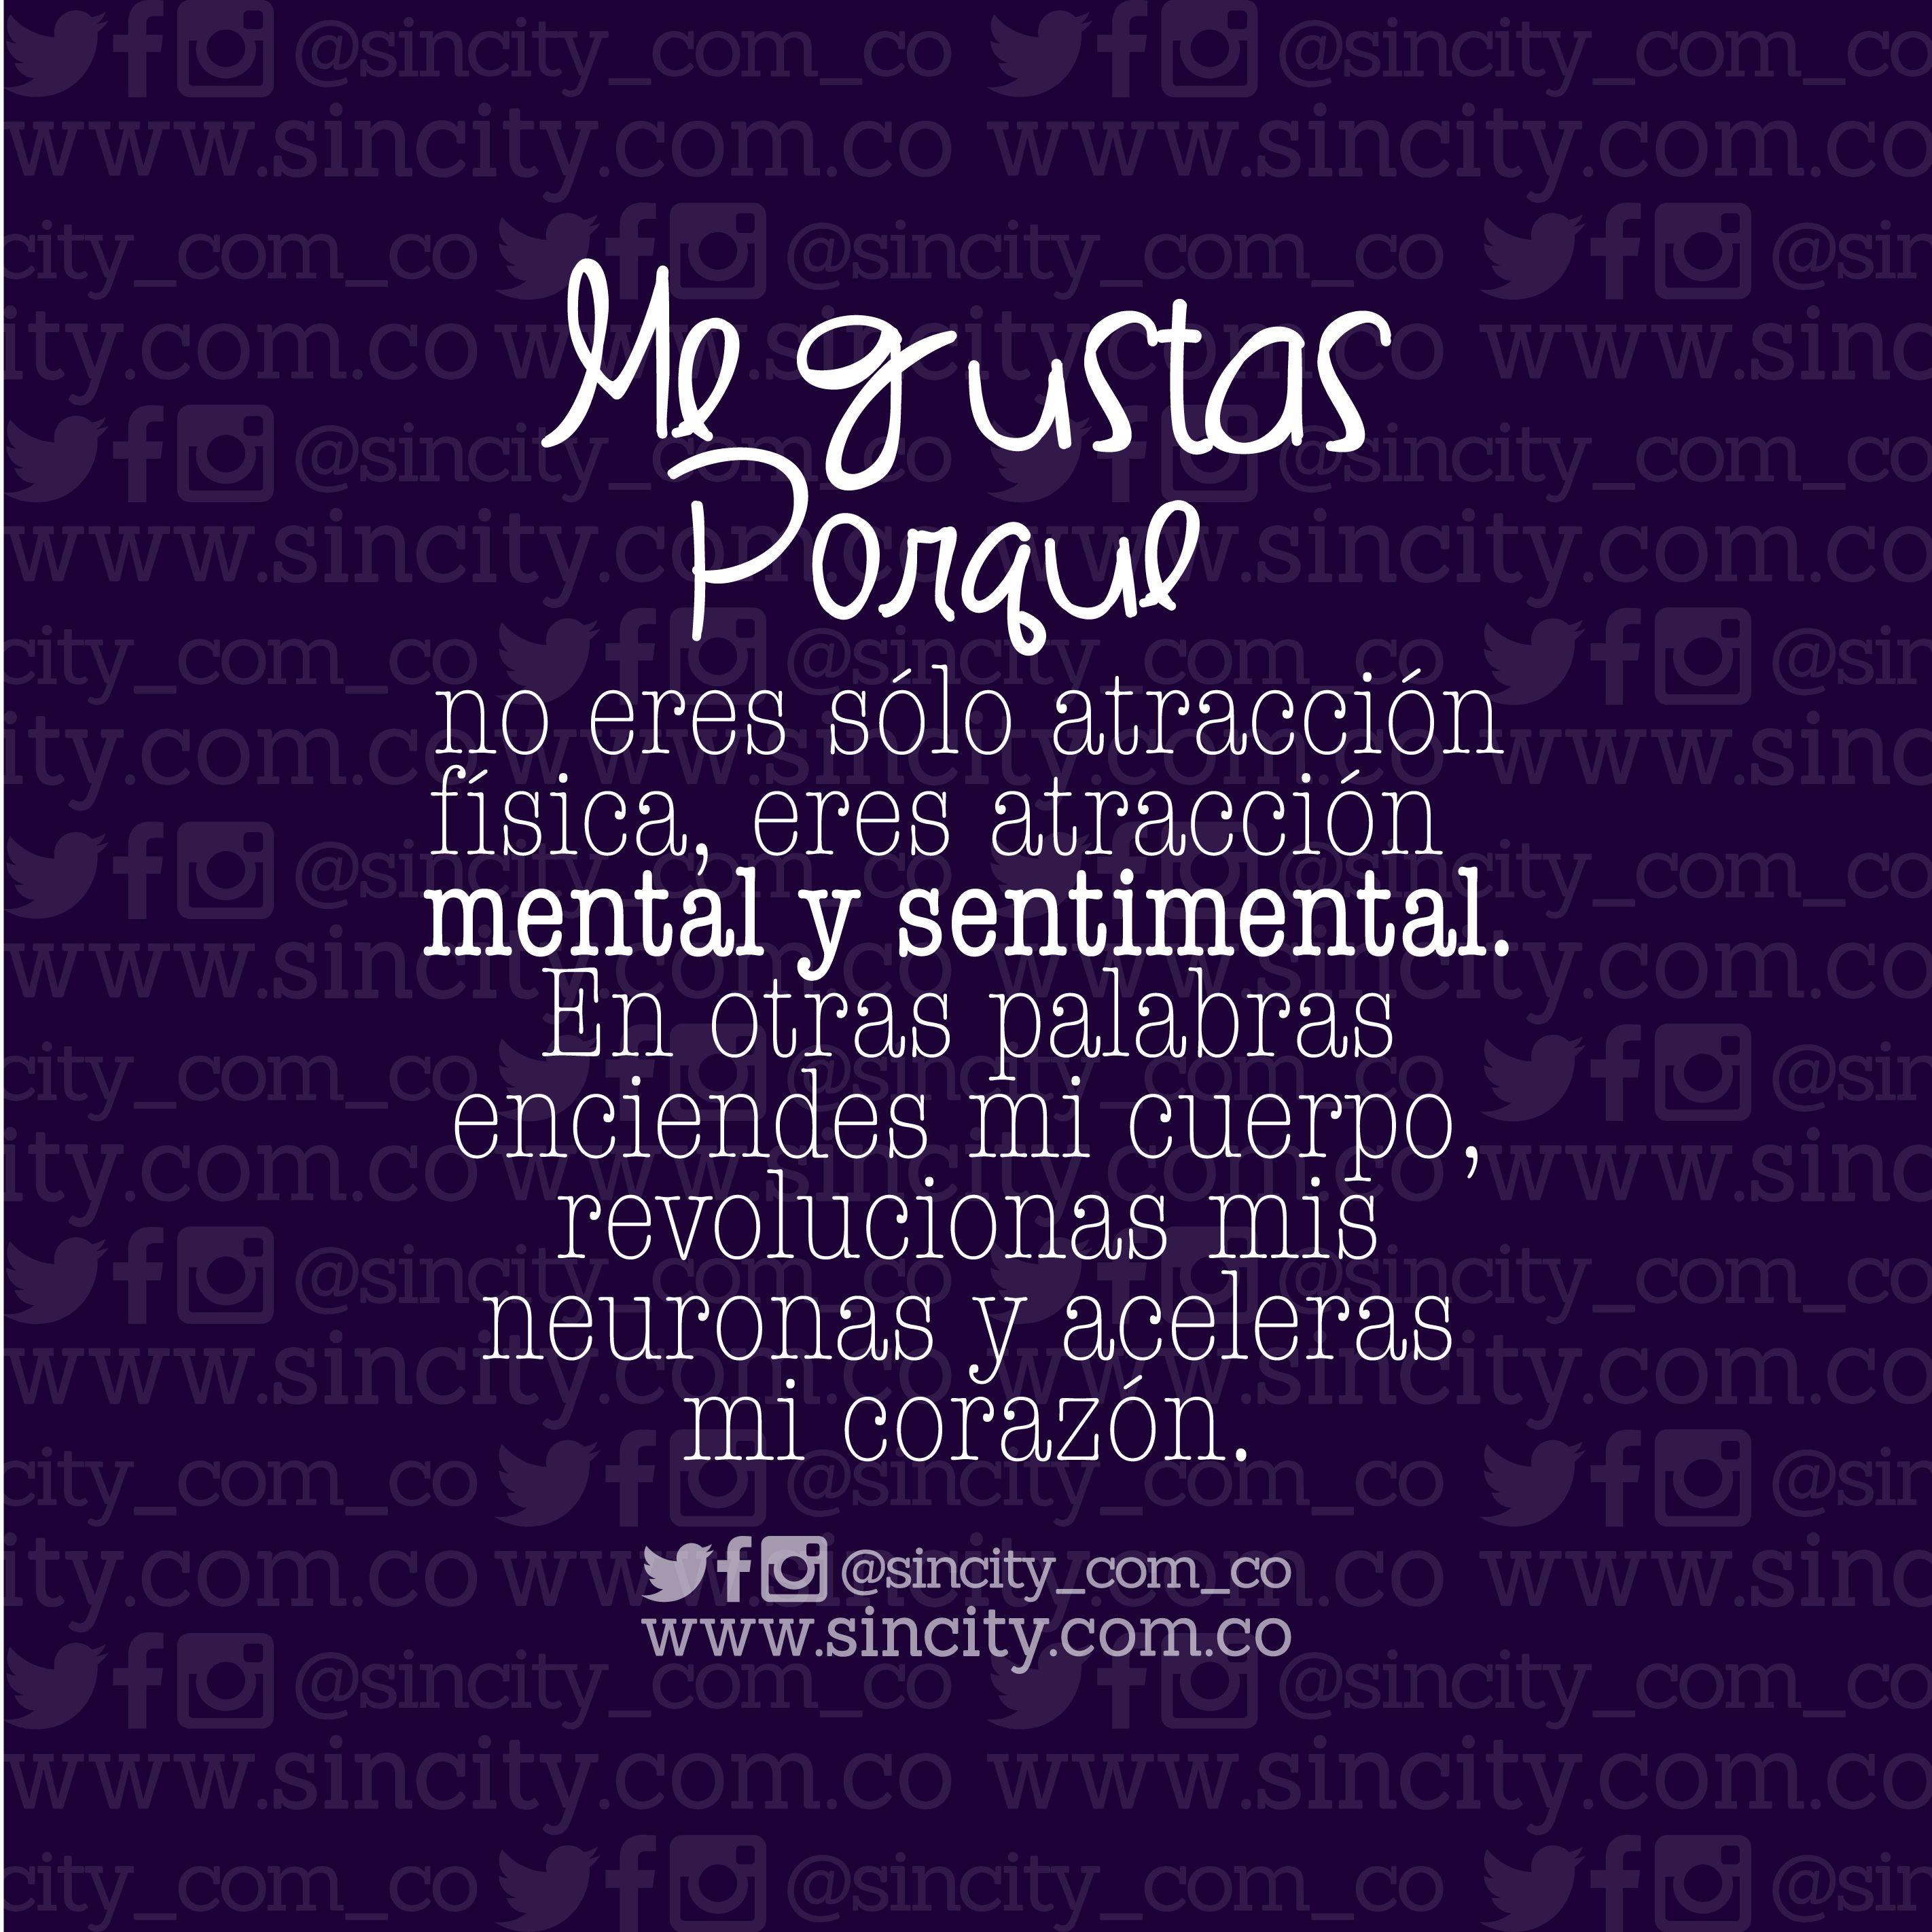 #MeGustas  #frases #frasessincity #sincity #atraccionfisica #mental #sentimental #cuerpo #neuronas #corazon #amor #parejas